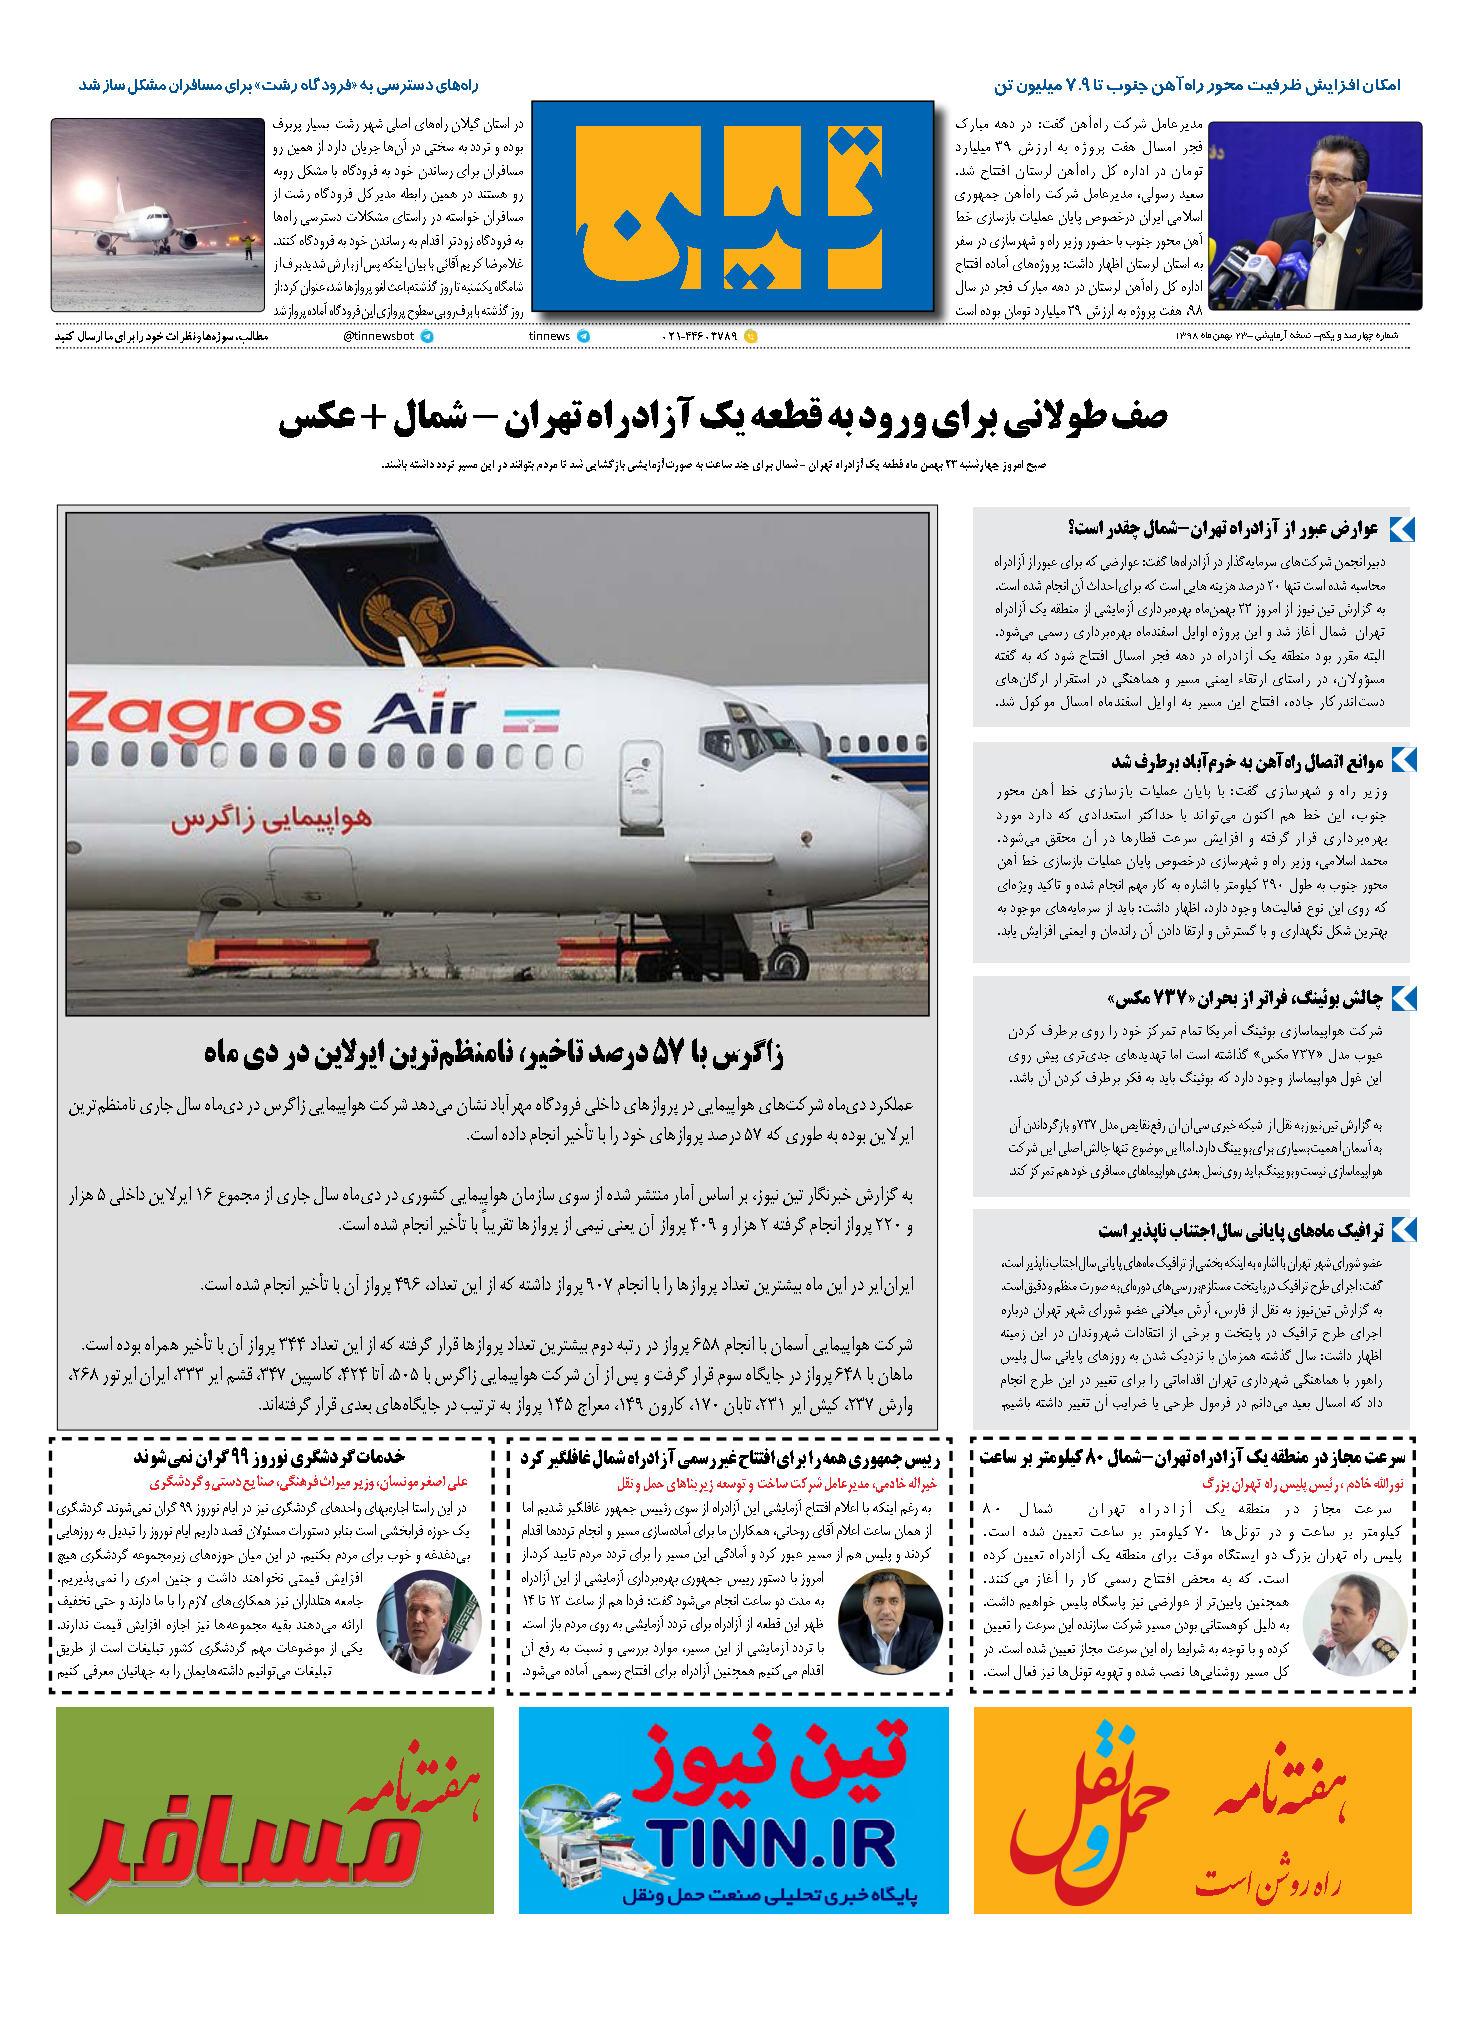 روزنامه الکترونیک 23 بهمن ماه 98